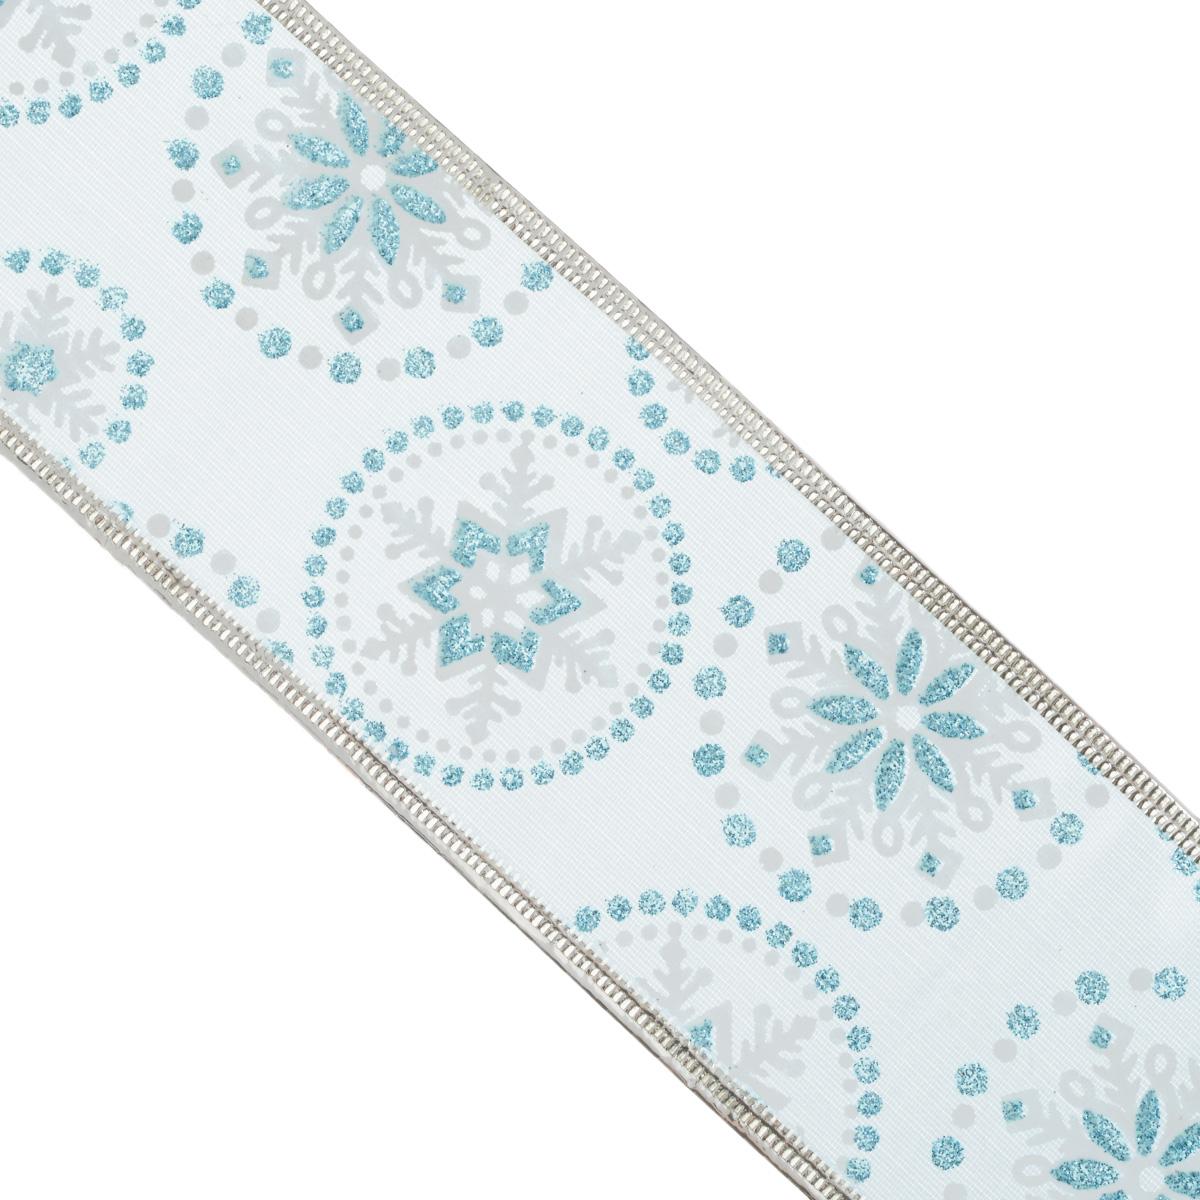 Декоративная лента Феникс-презент, цвет: голубой, 2,7 м. 3540835408Декоративная лента Феникс-презент выполнена из полиэстера и декорирована снежинками и блестками. В края ленты вставлена проволока, благодаря чему ее легко фиксировать. Лента предназначена для оформления подарочных коробок, пакетов. Кроме того, декоративная лента с успехом применяется для художественного оформления витрин, праздничного оформления помещений, изготовления искусственных цветов. Декоративная лента украсит интерьер вашего дома к любым праздникам. Ширина ленты: 6,3 см.